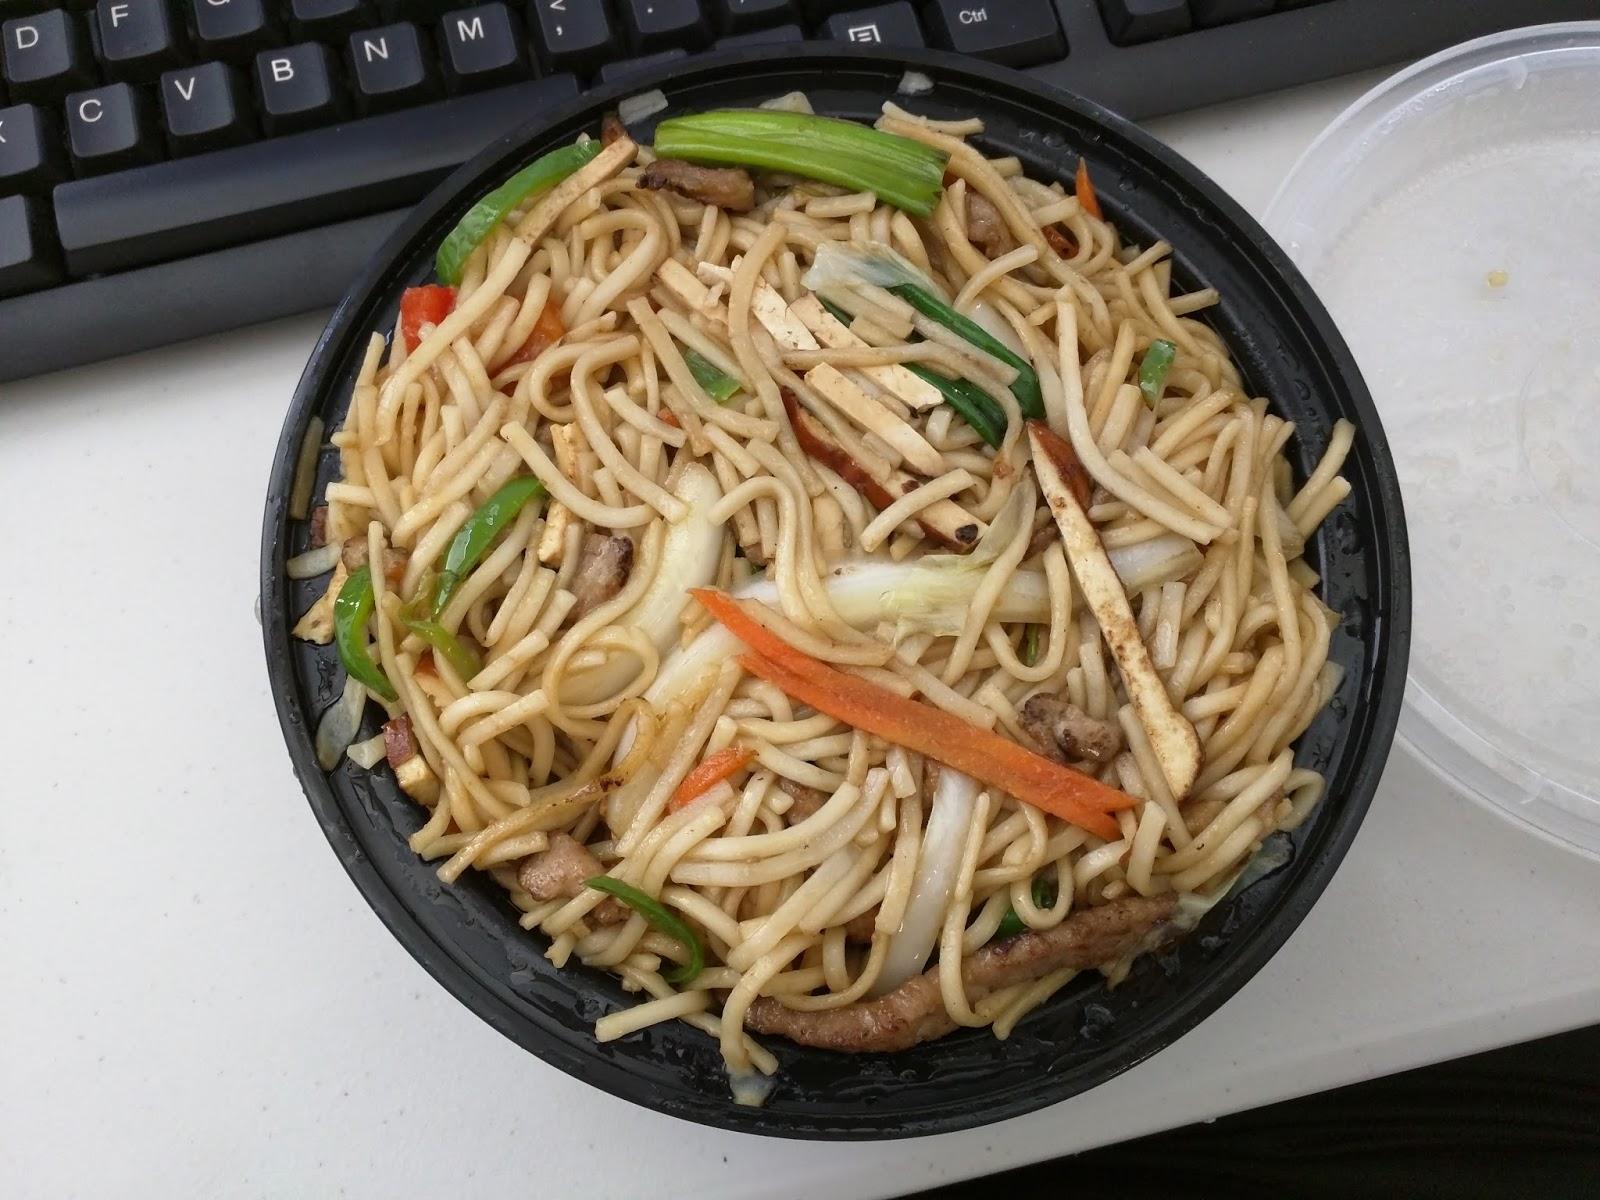 Bezaubernd Mein Bad Referenz Von Hunan Style Chow